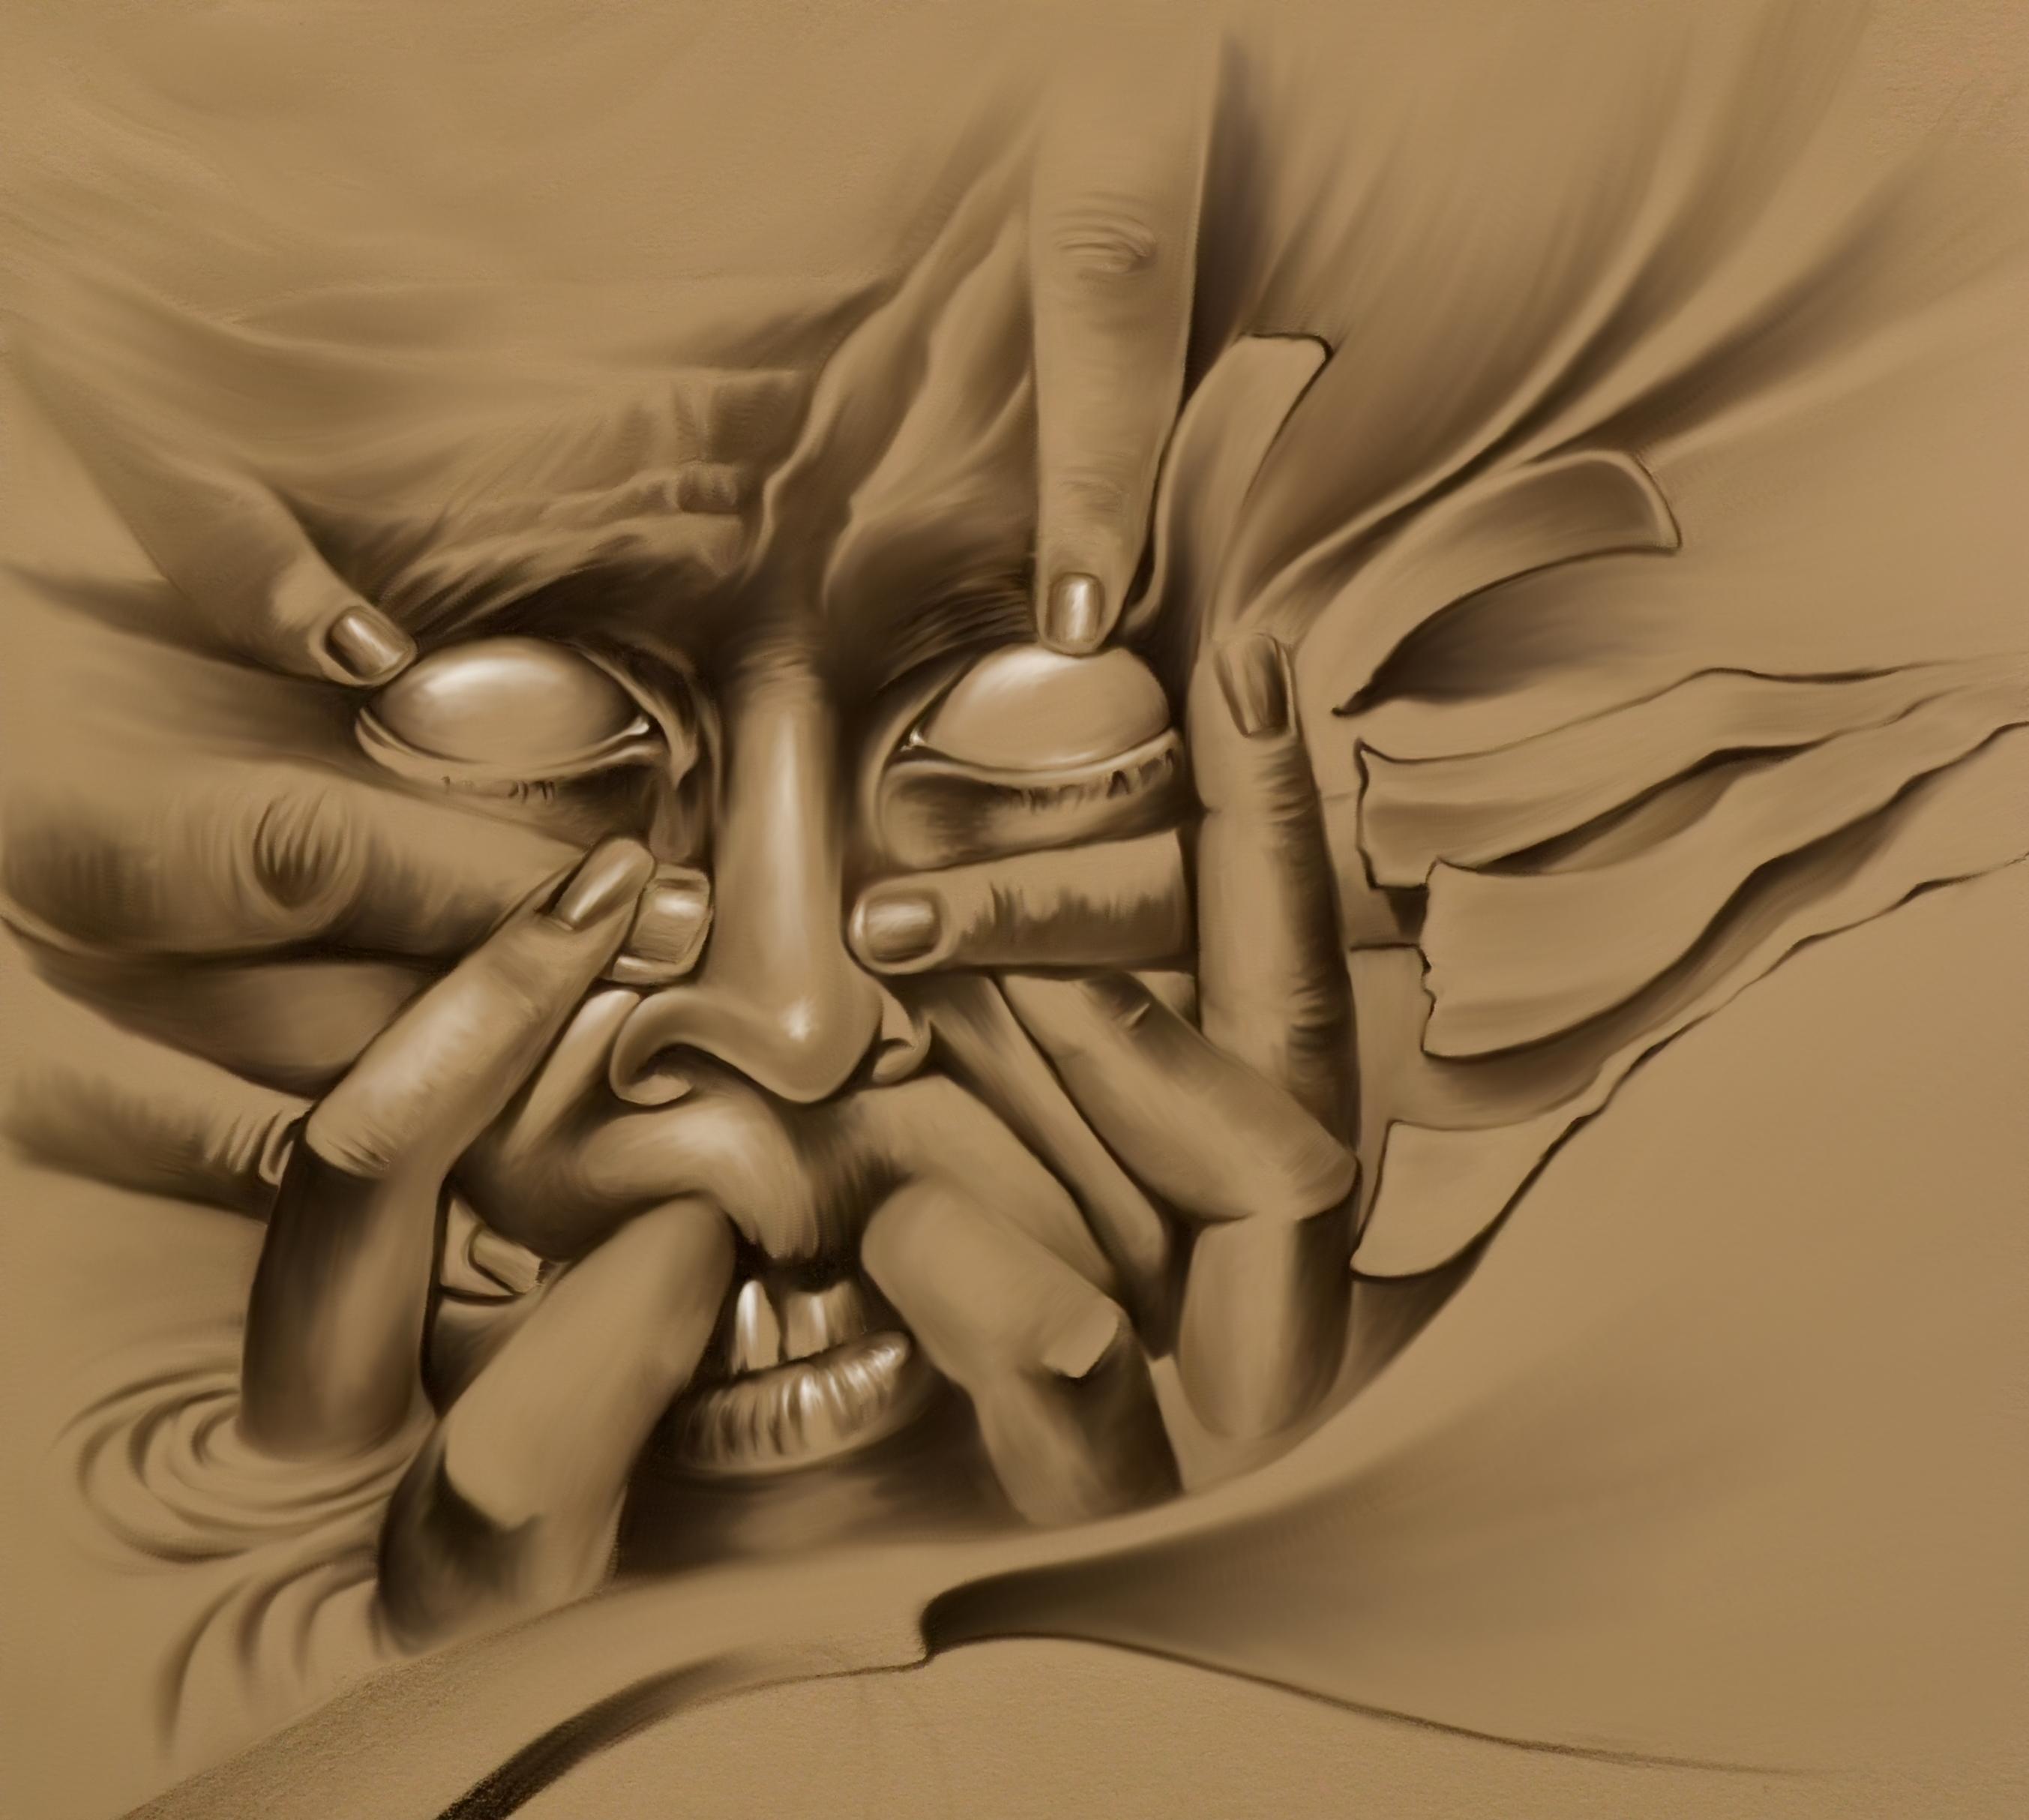 visage.jpg